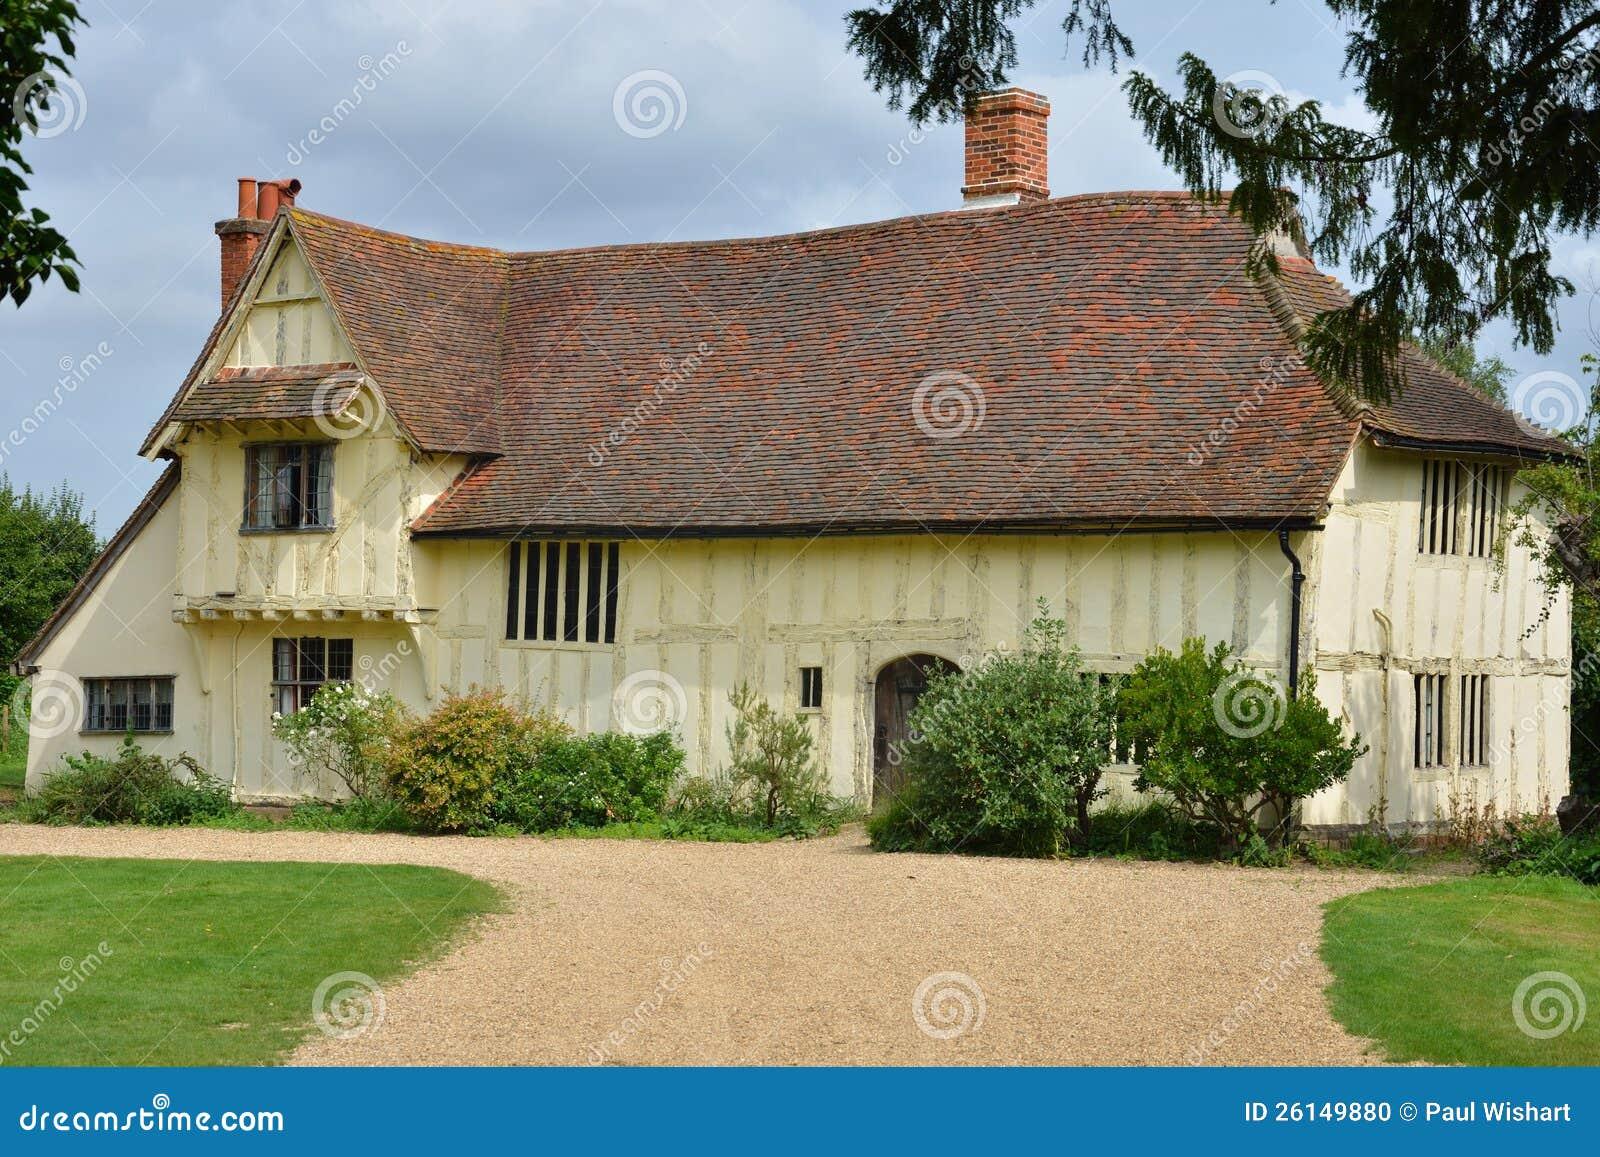 Tudor farmhose